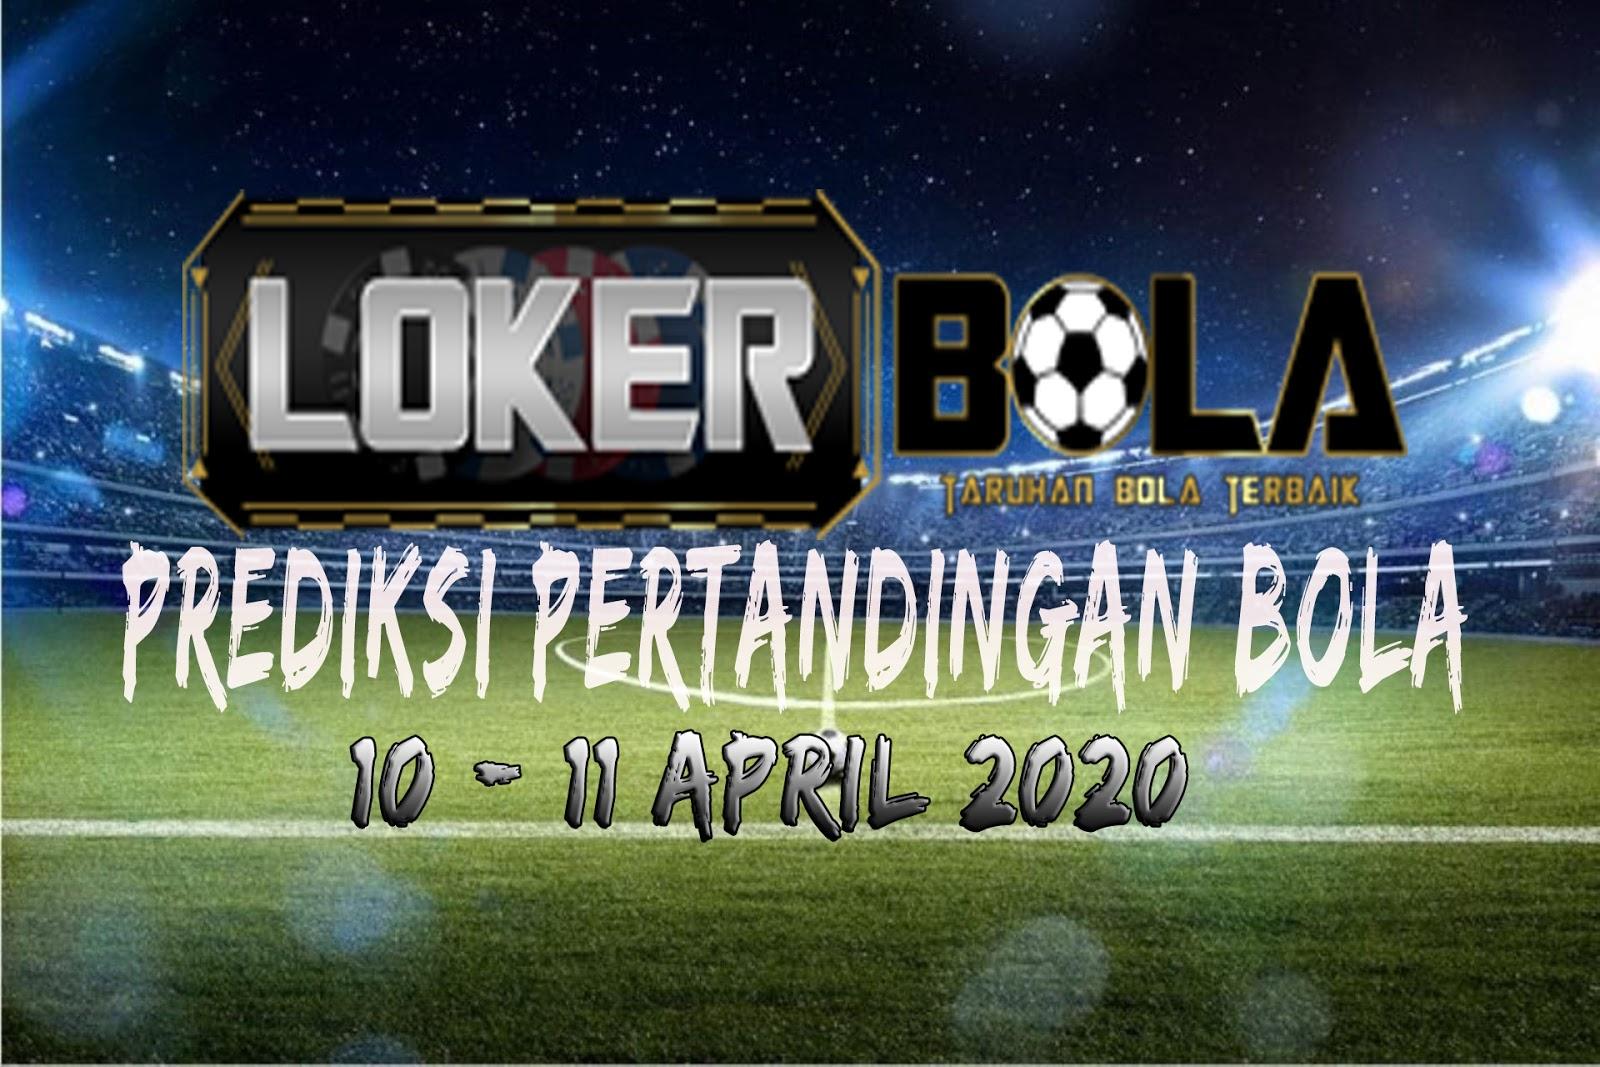 PREDIKSI PERTANDINGAN BOLA 10 – 11 APRIL 2020